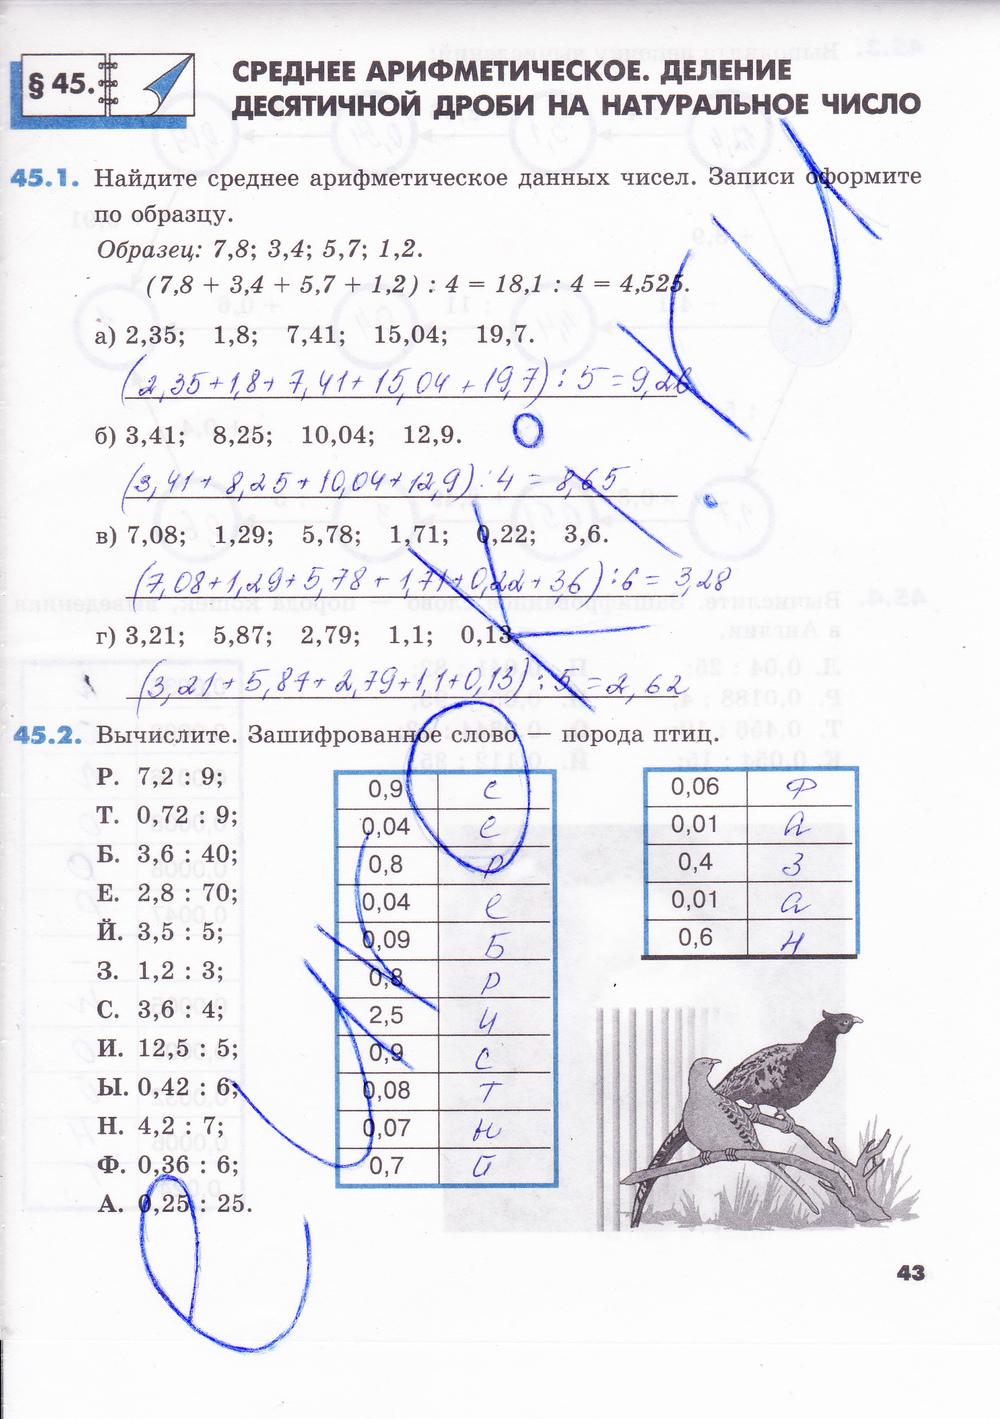 Тетрадь 5 зубаревой класс 2 гдз математике по рабочая часть